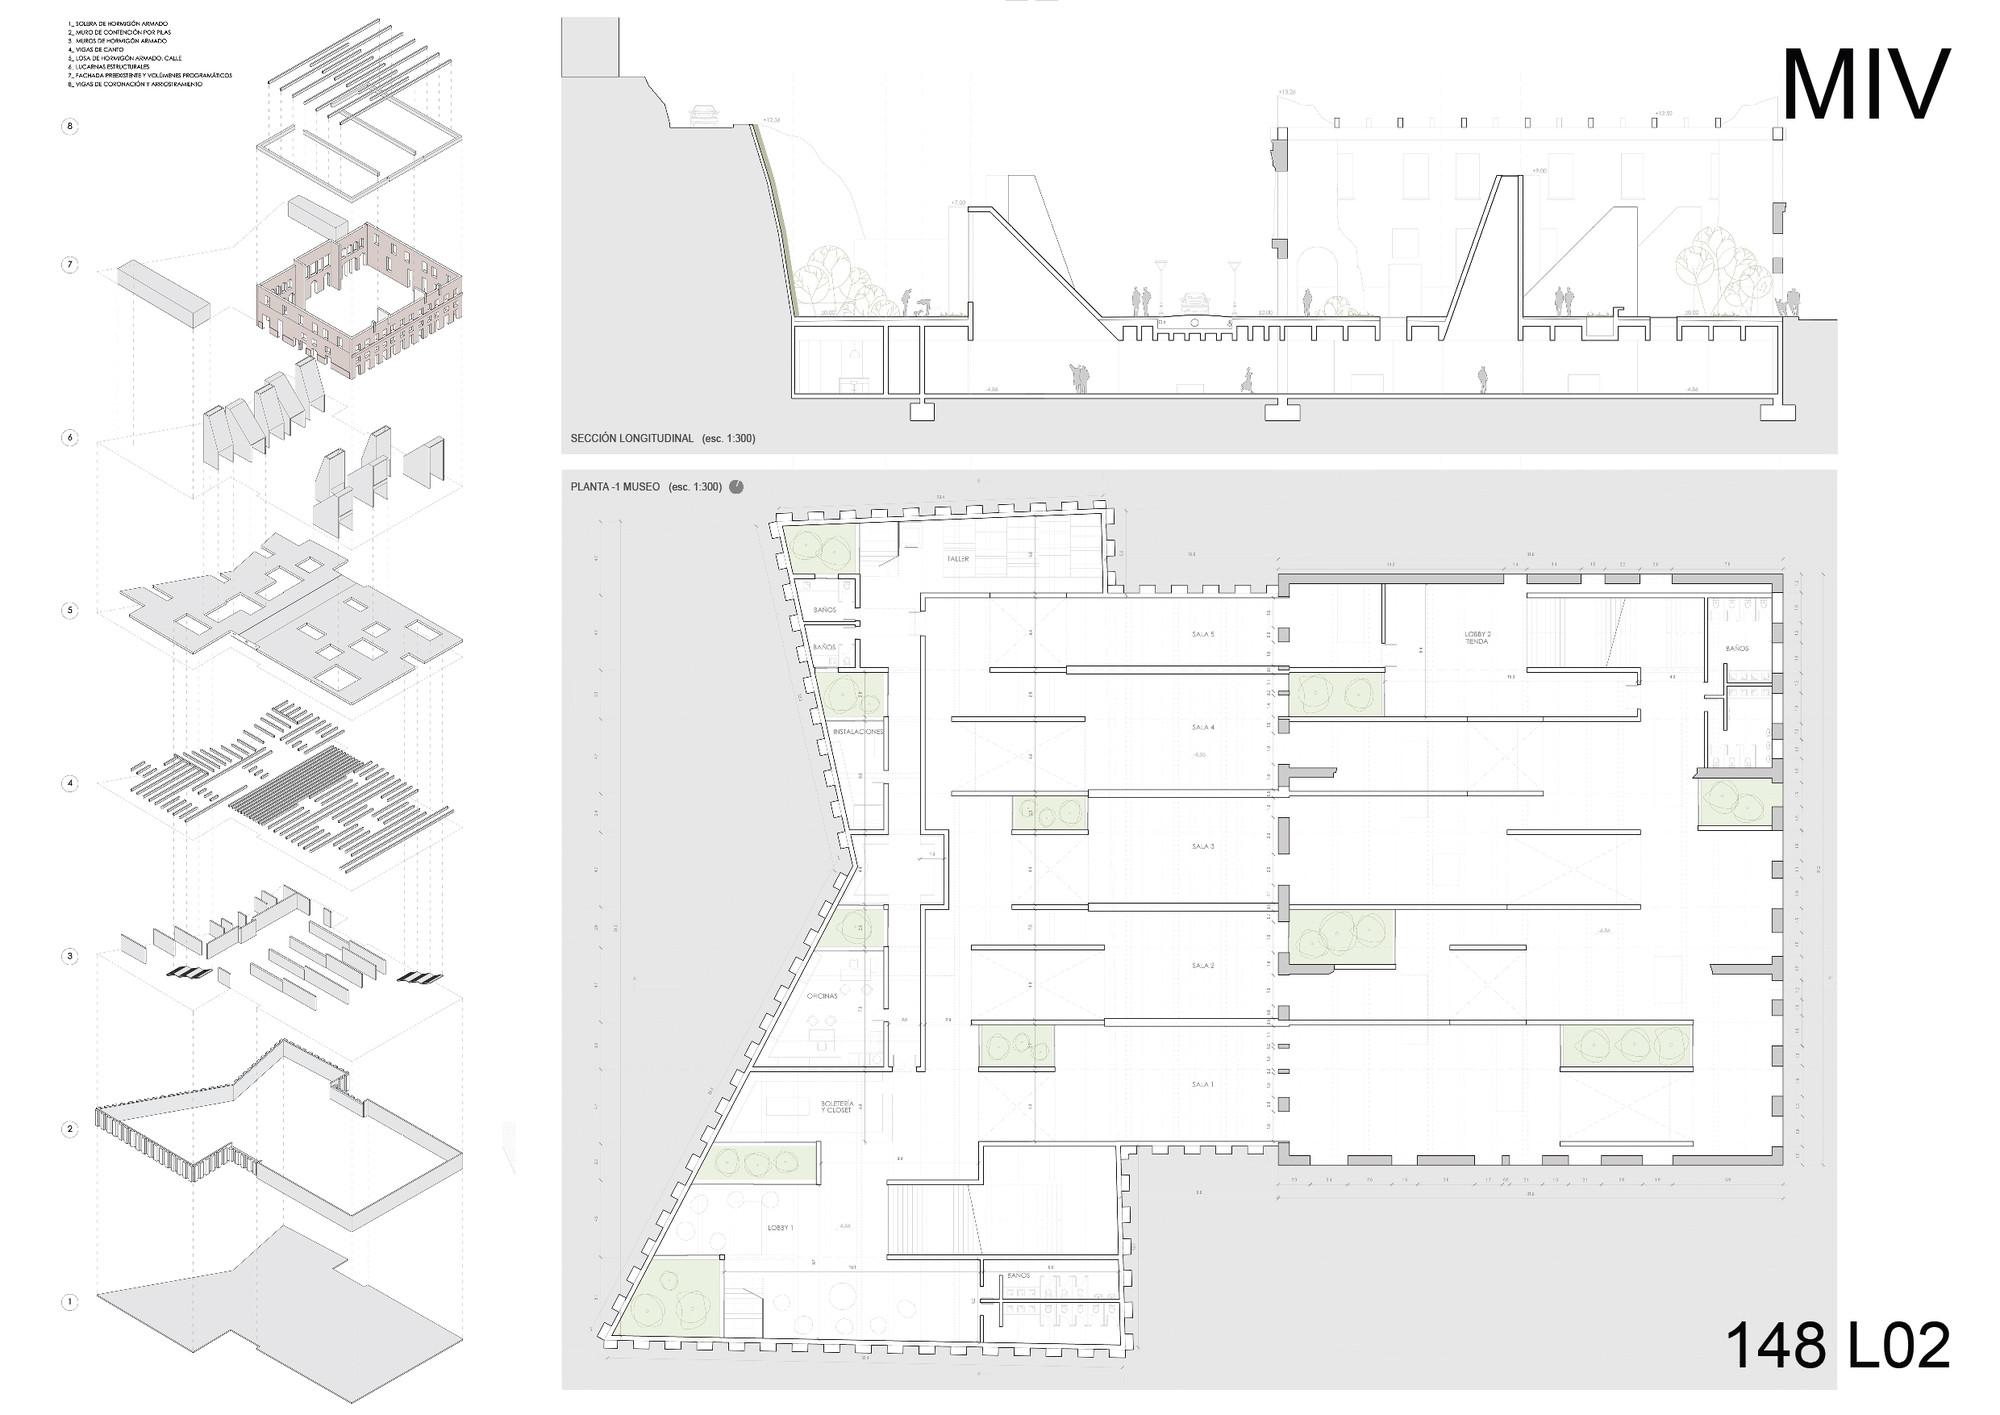 Anuncian ganadores del Concurso Nacional de Proyectos de Pregrado (CNPP), Gran Ganador Cuarto Año. Image Cortesia de Arquitectura Caliente